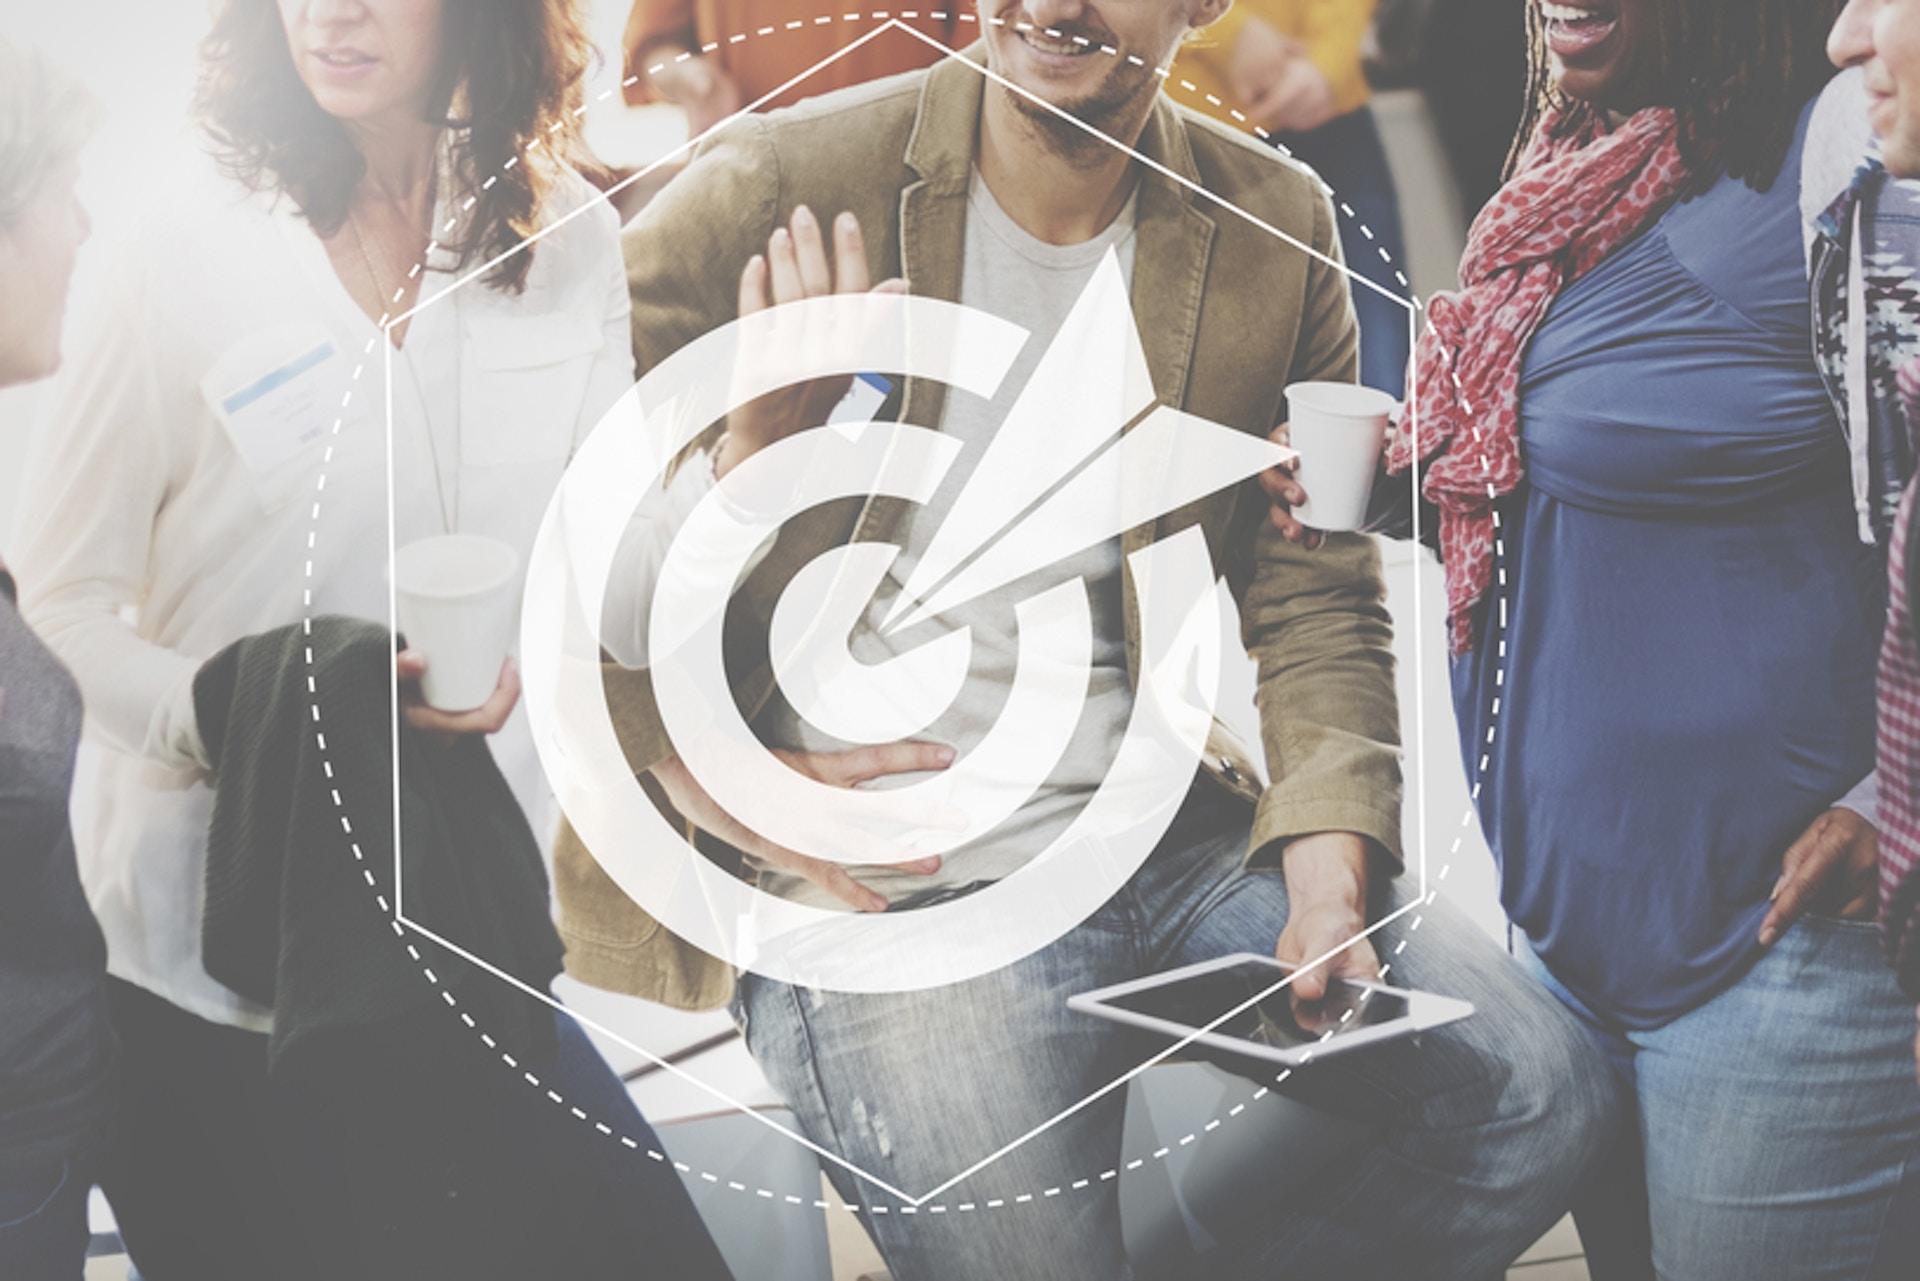 Zielscheibe vor Hintergrund mit Menschen Zielgruppendefinition